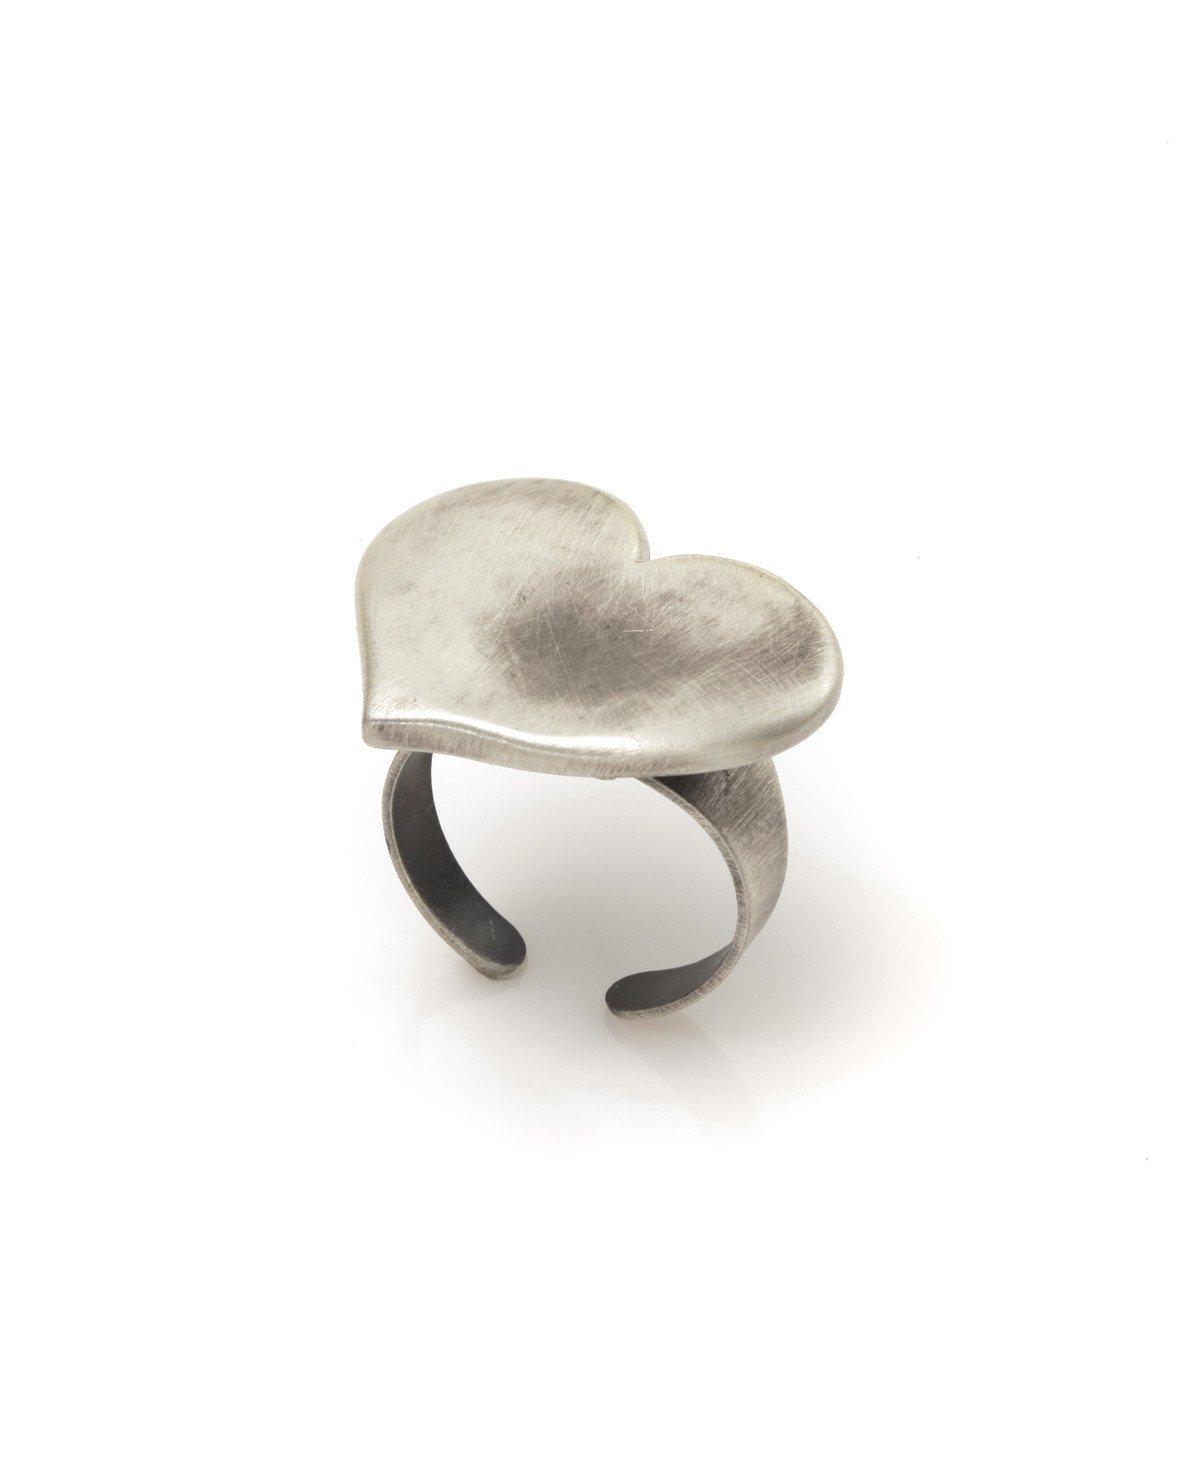 Danon Textured Heart Ring